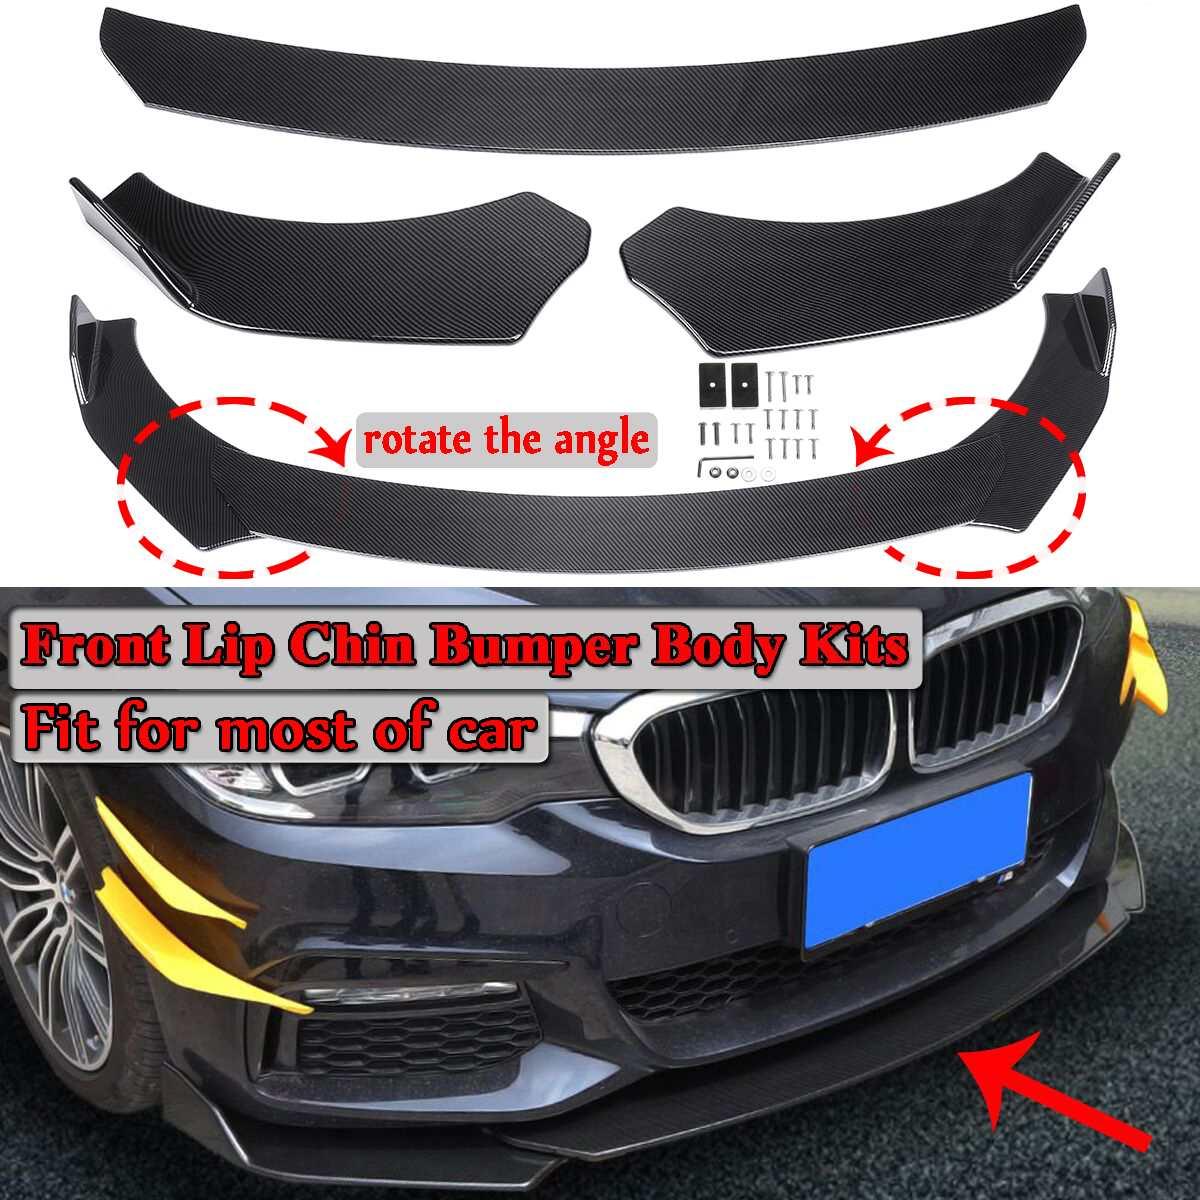 Fibre de carbone Look/noir universel 3 pièces voiture avant lèvre menton pare-chocs corps Kits faire pivoter l'angle nouveau pour Honda pour BMW pour Benz